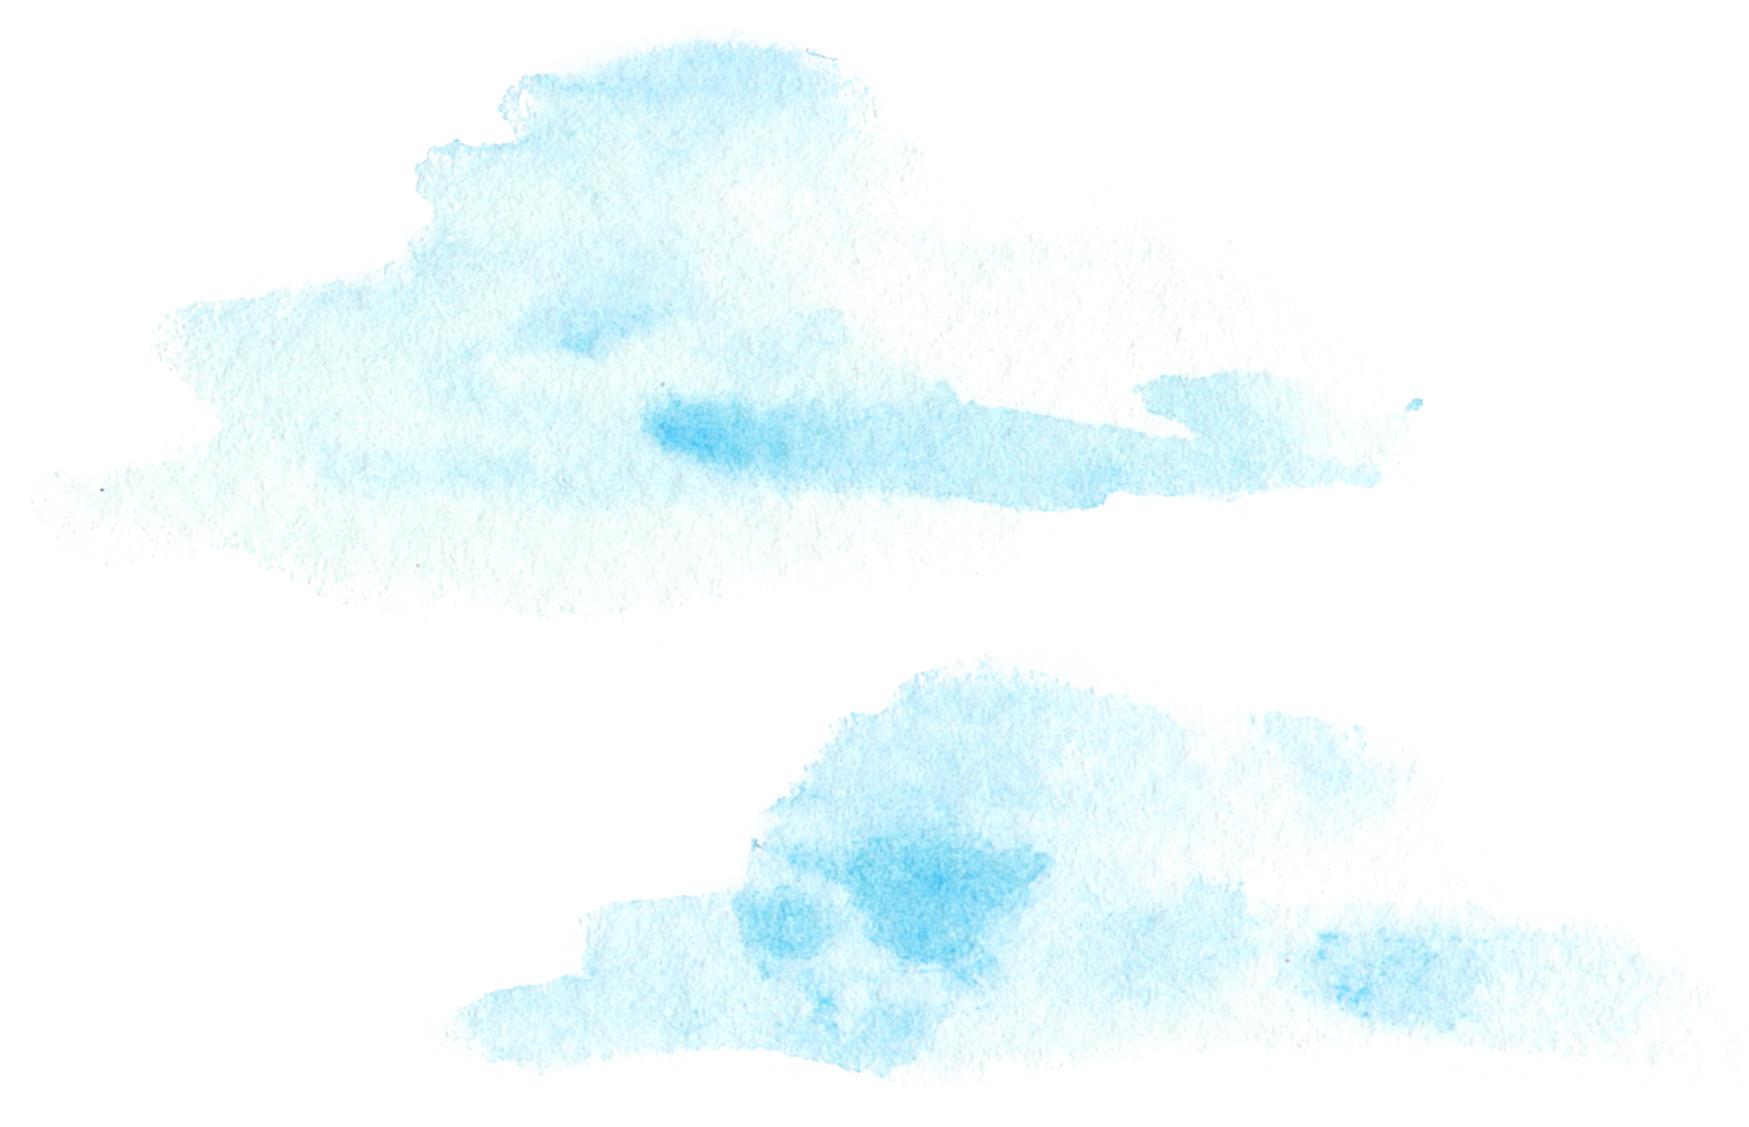 水彩 雲 イラスト 無料 | イラストダウンロード